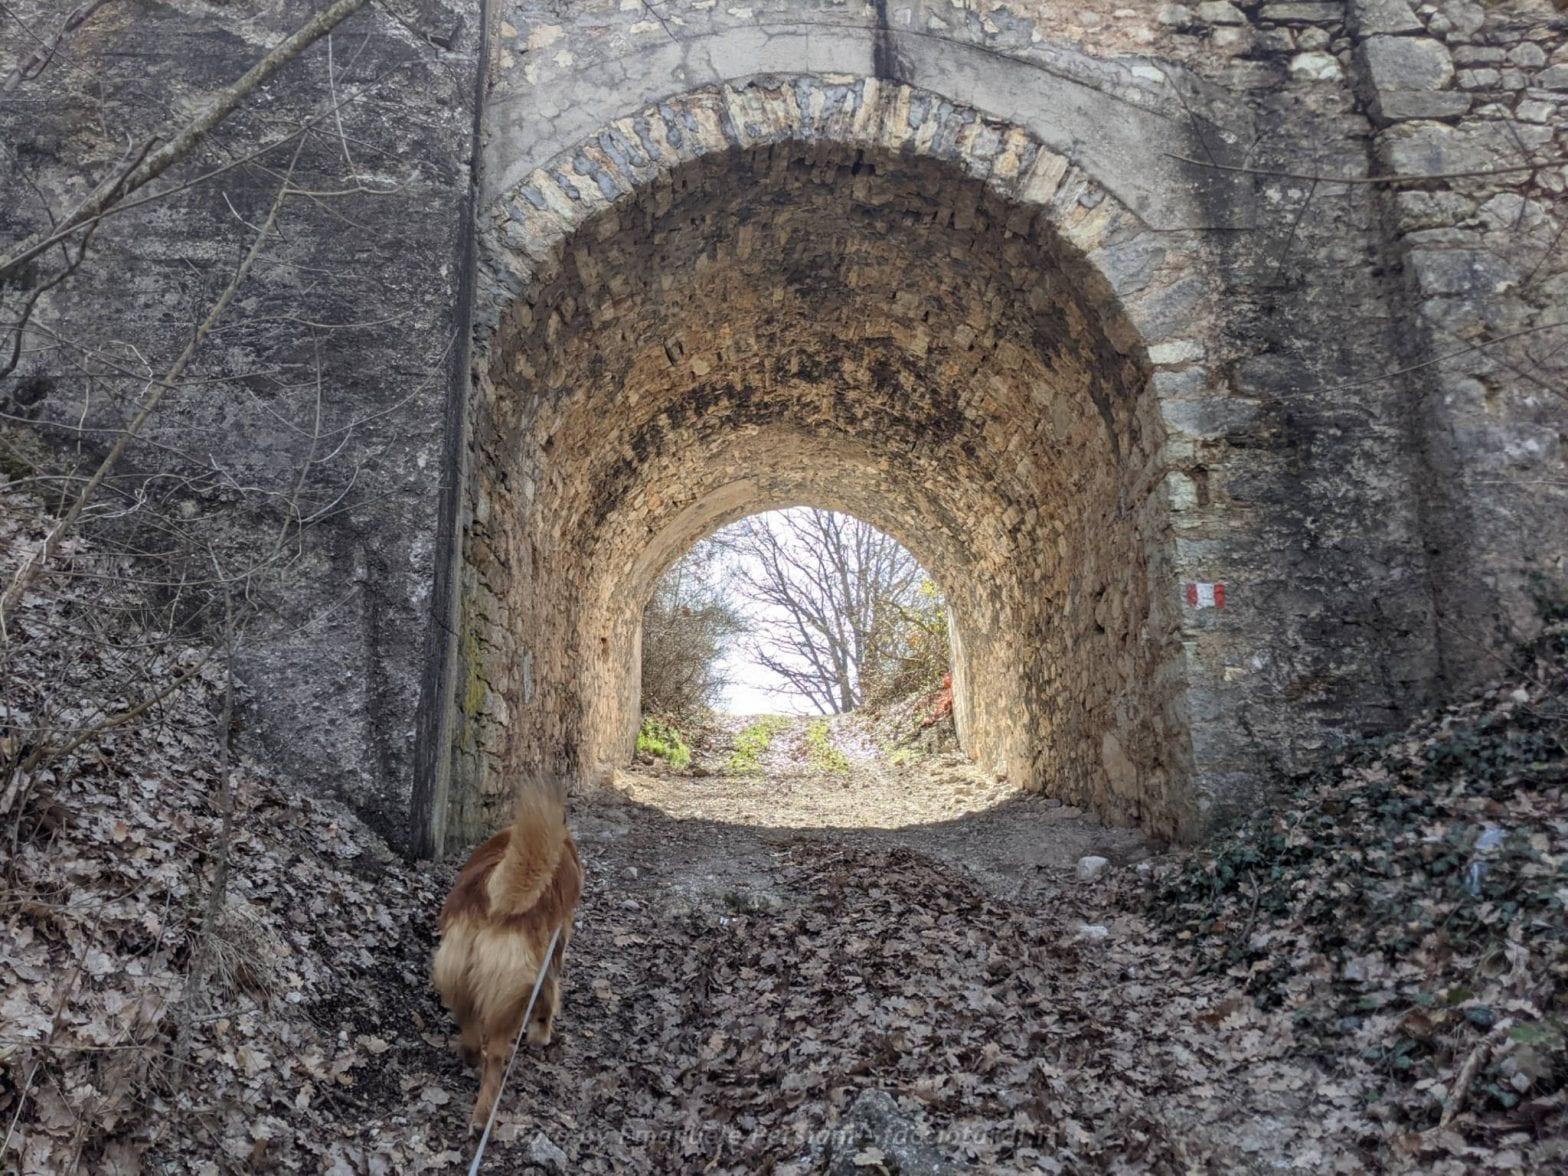 Passeggiata ad anello Valle di Santa Scolastica con cane